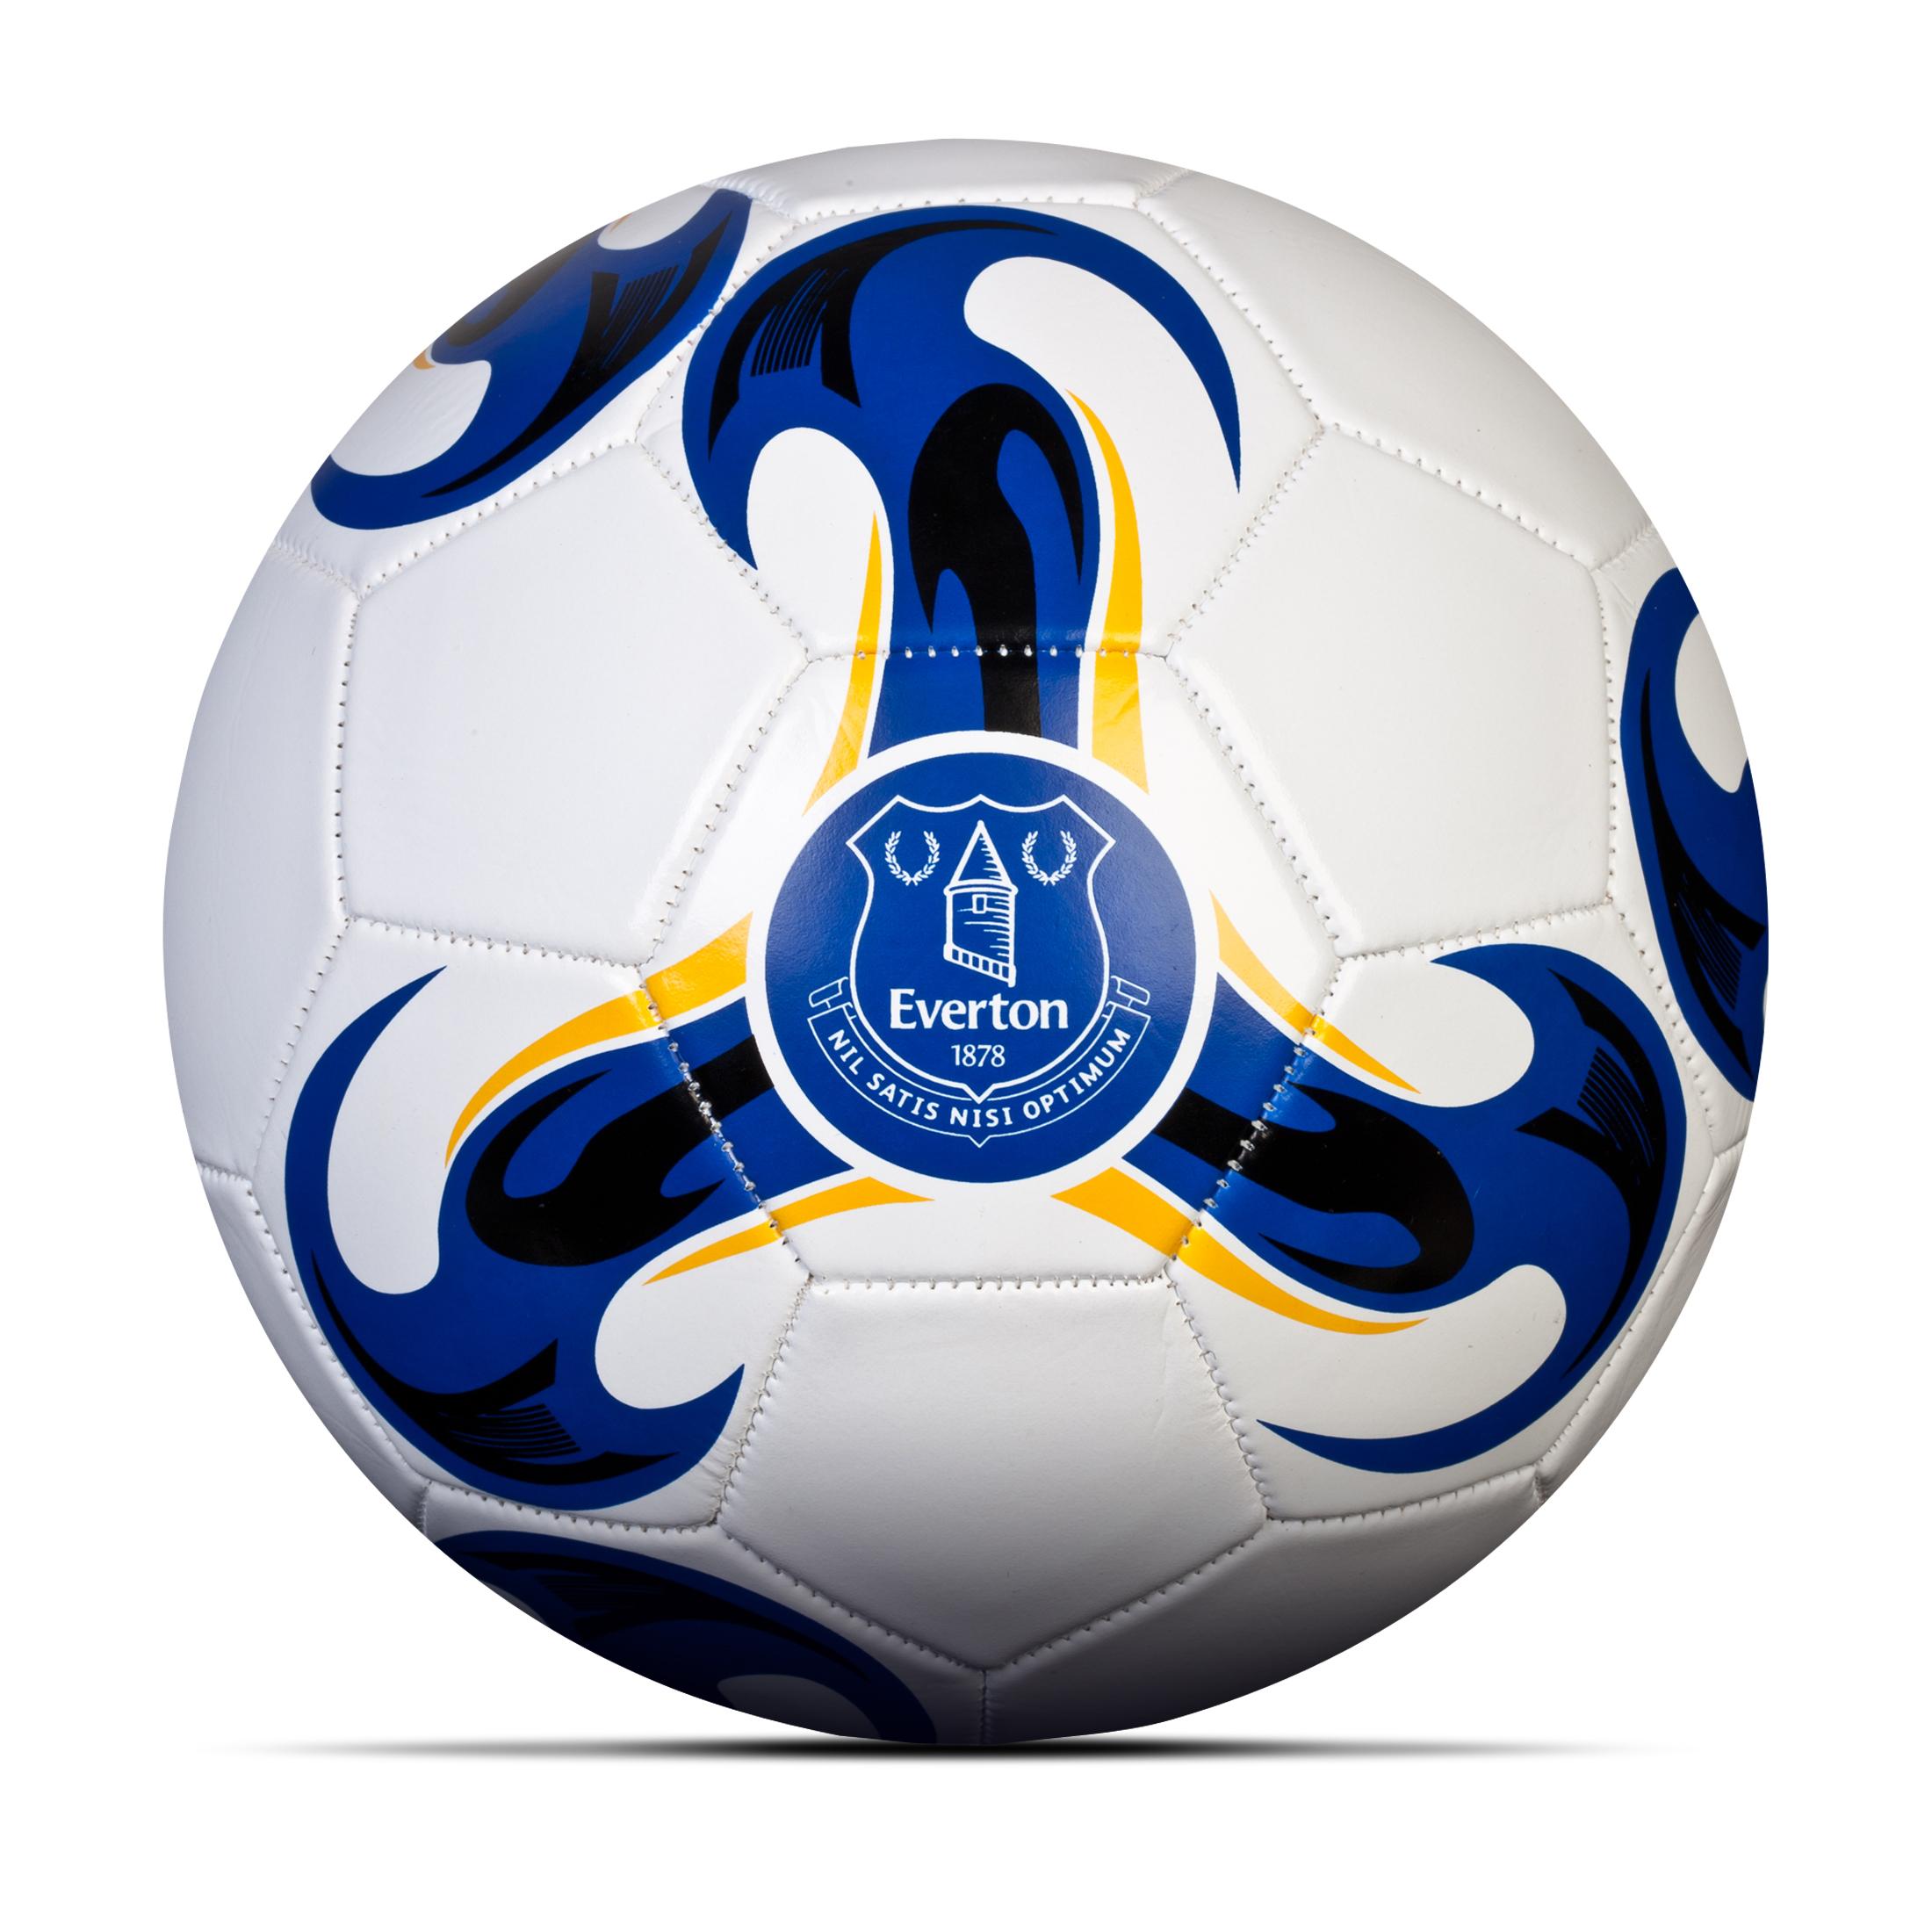 Everton Football - Size 5 - White/Royal